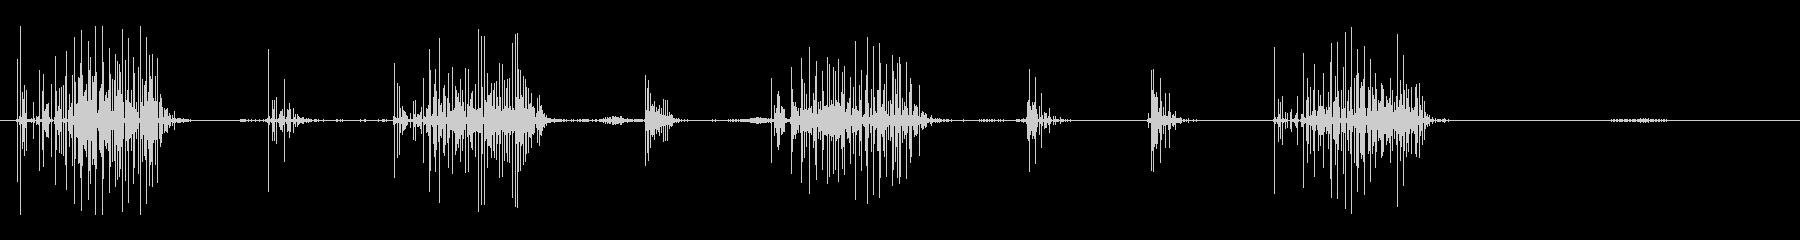 ノイズ 単純なクラックルシーケンス03の未再生の波形